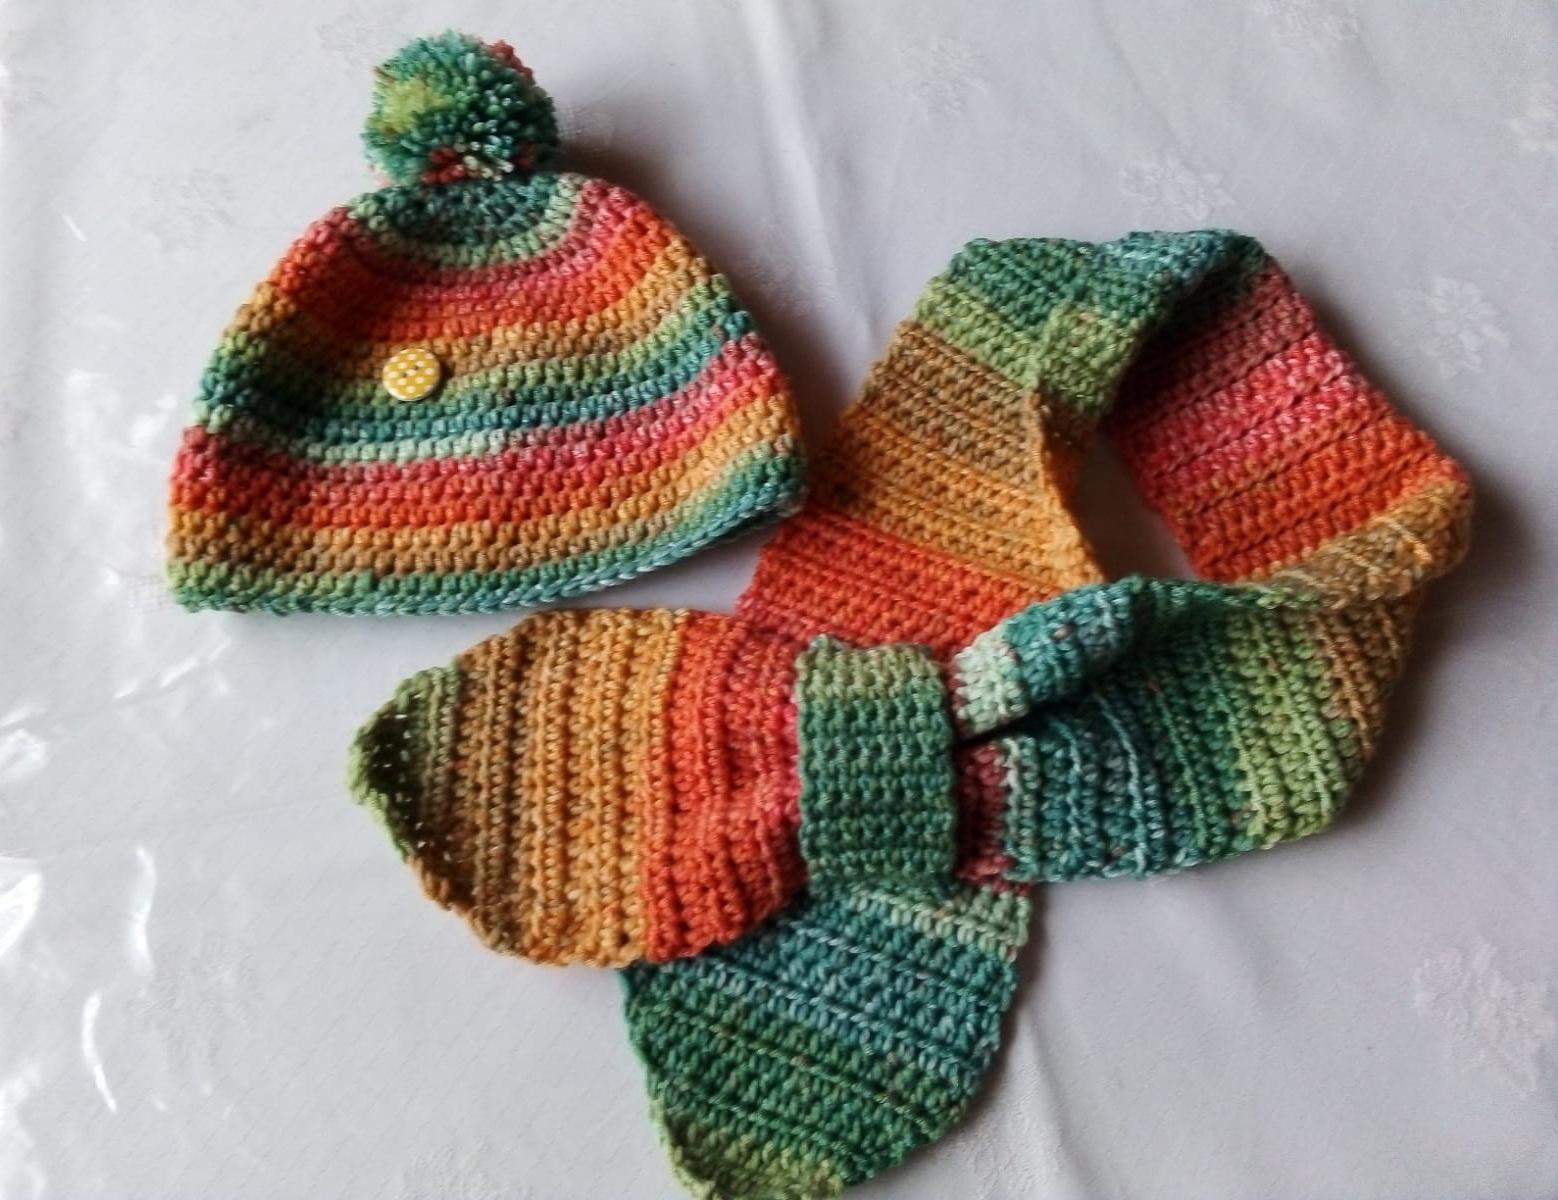 Kindermütze und Stedckschal, Lana Grossa Cool Wool Big Color, Farbe 4001